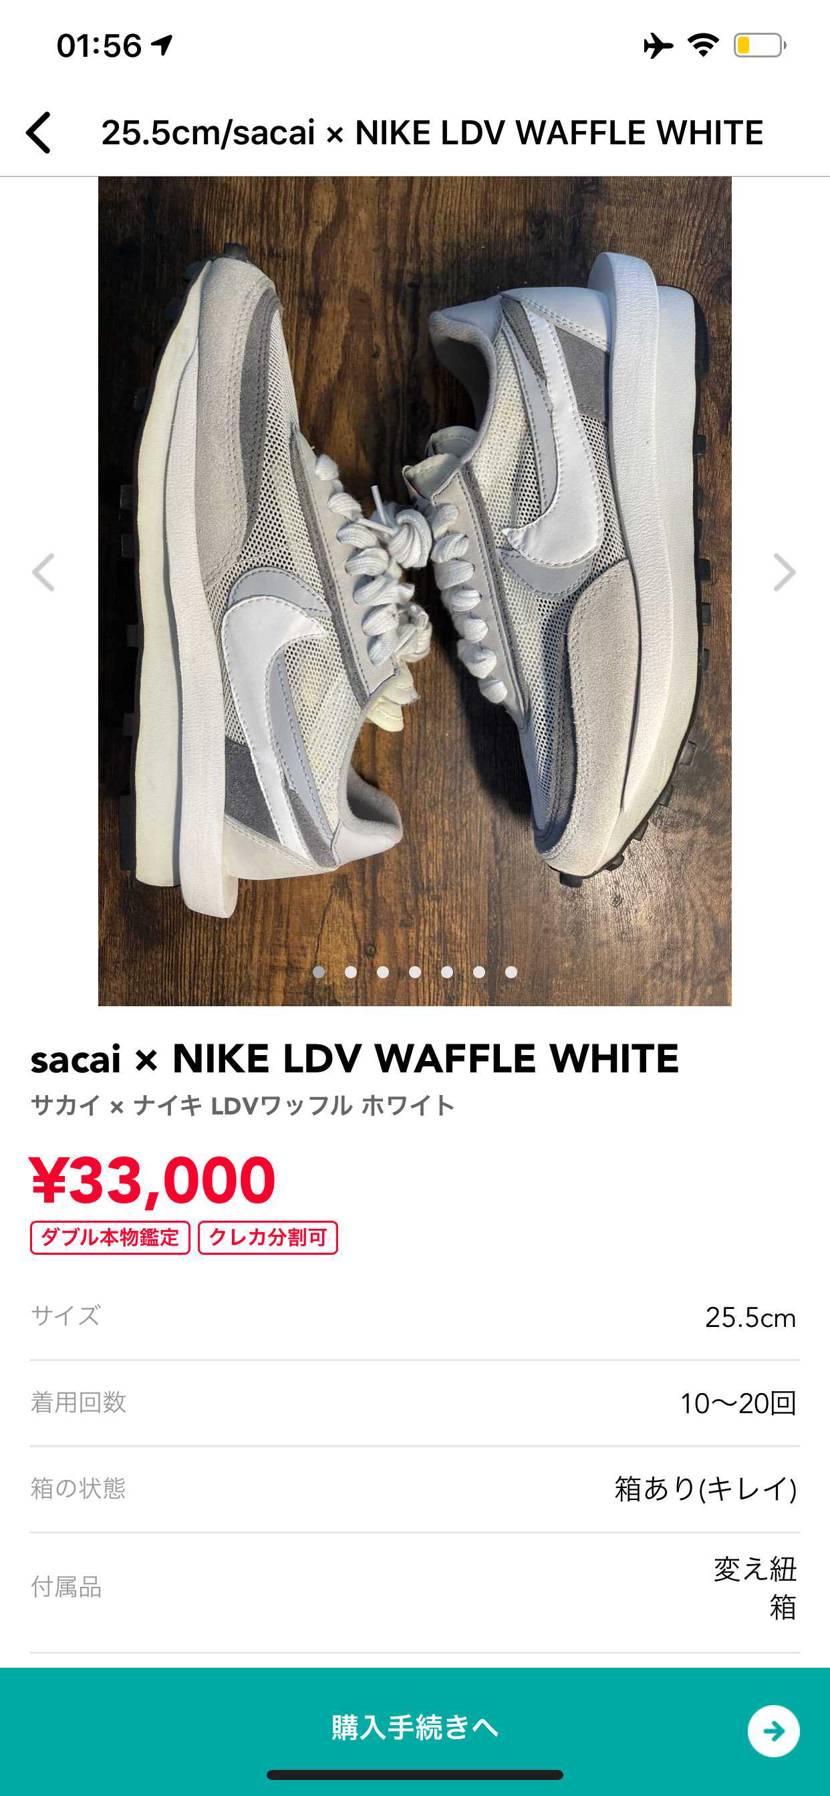 2万5千円でいいですか